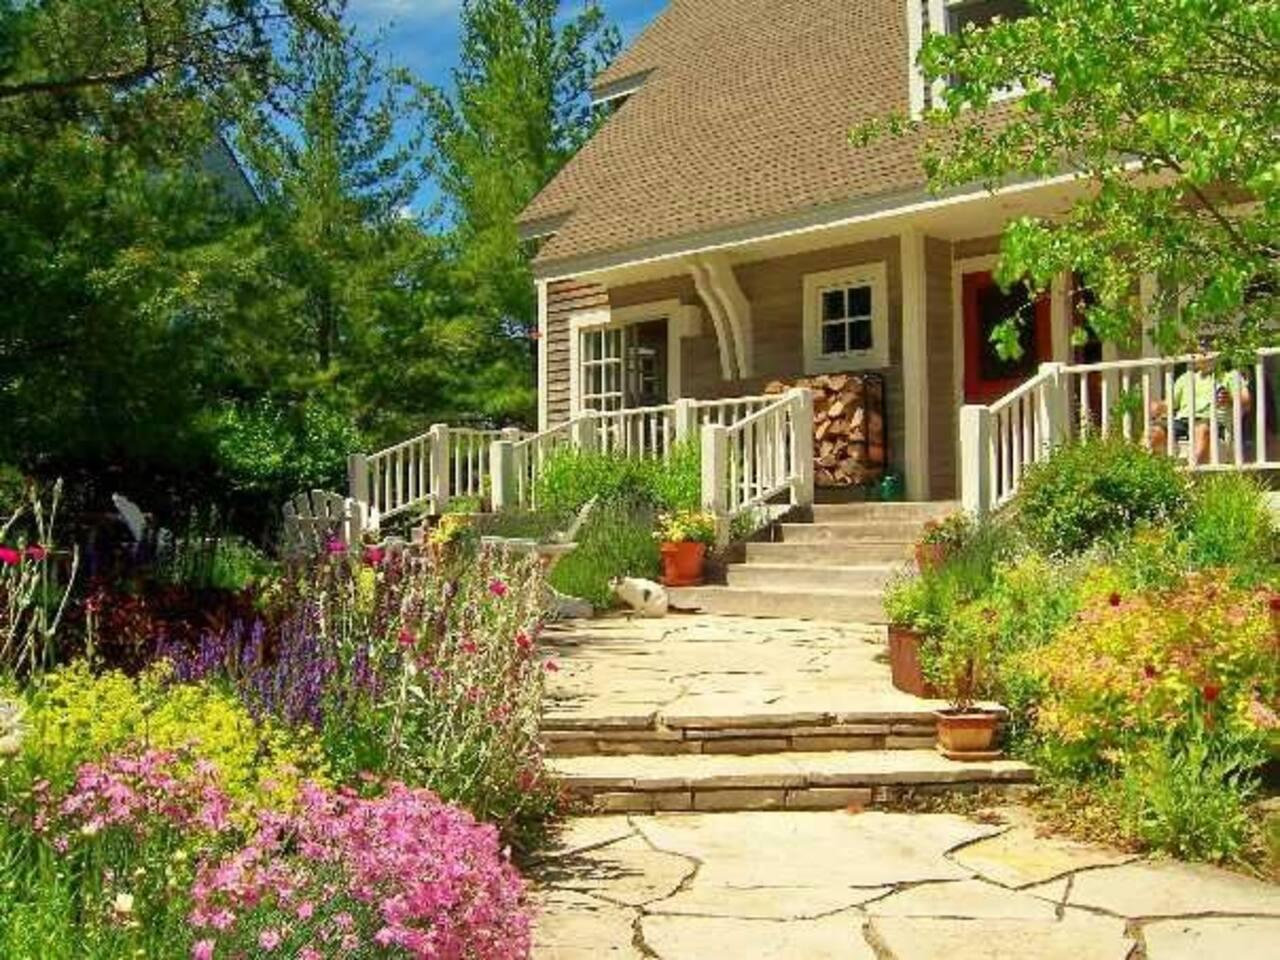 Glen Arbor Beach House with English Garden